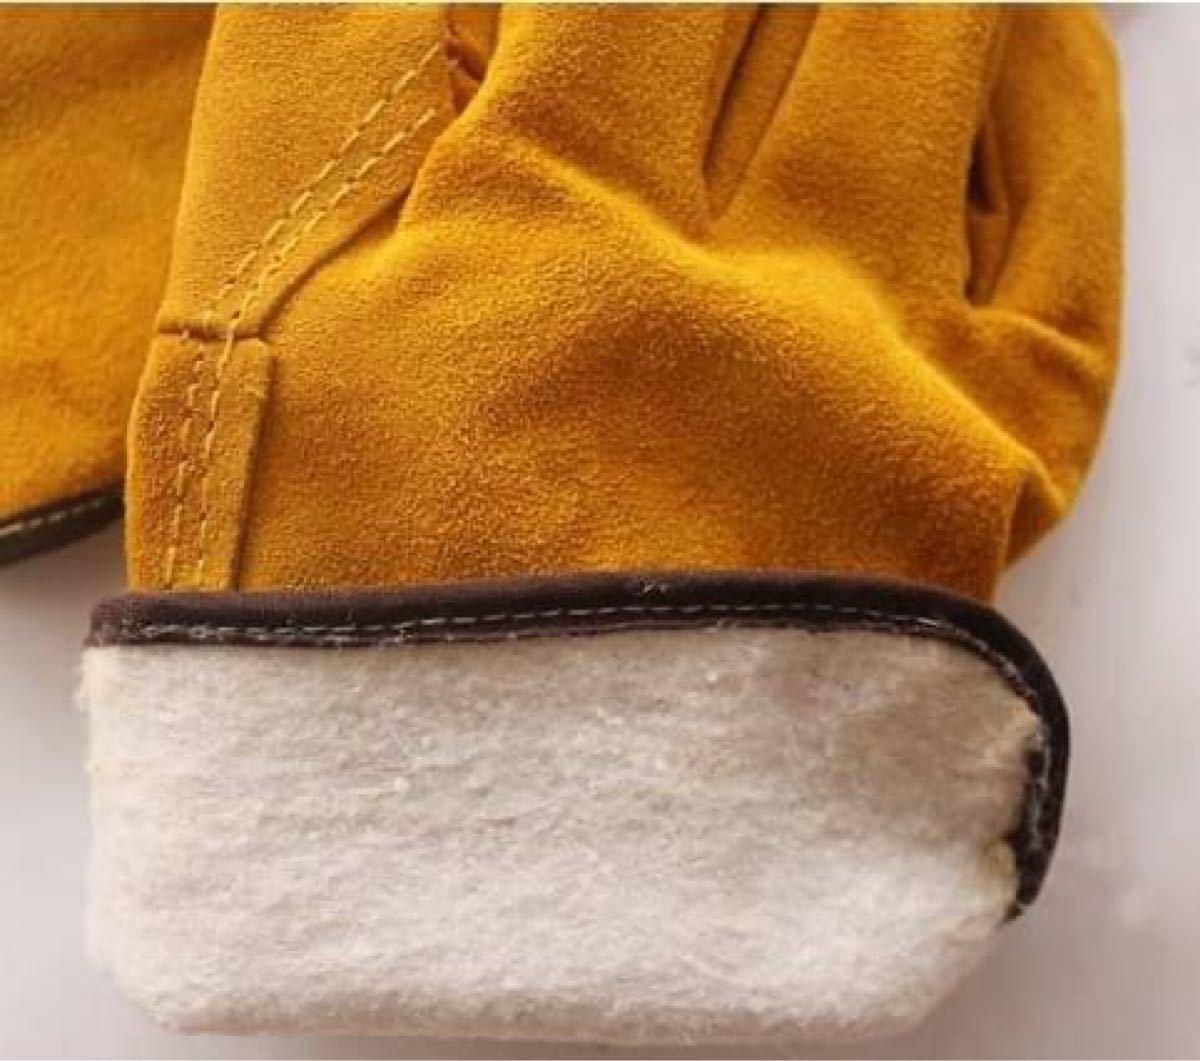 耐熱グローブ 耐熱手袋 キャンプ アウトドア バーベキュー 薪 作業用 耐熱 BBQ